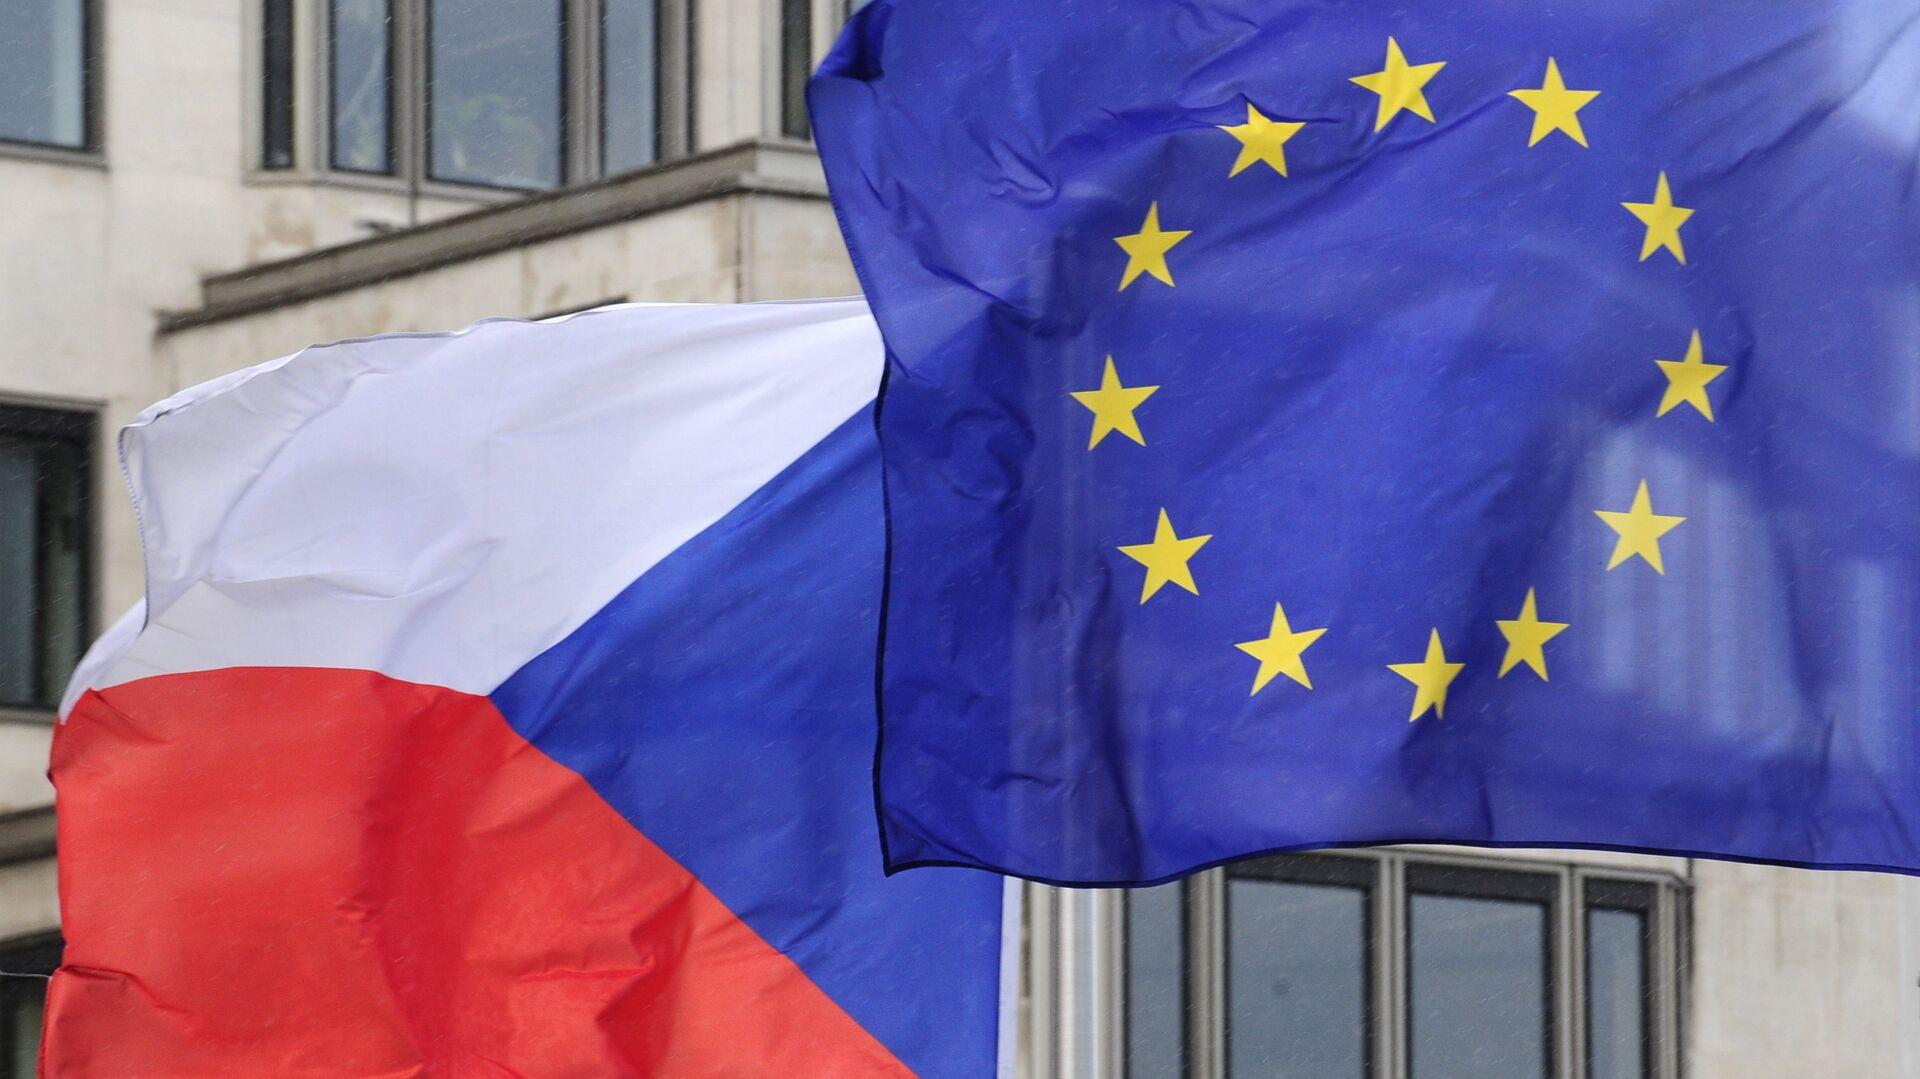 Zastave Češke i EU - Sputnik Srbija, 1920, 02.09.2021